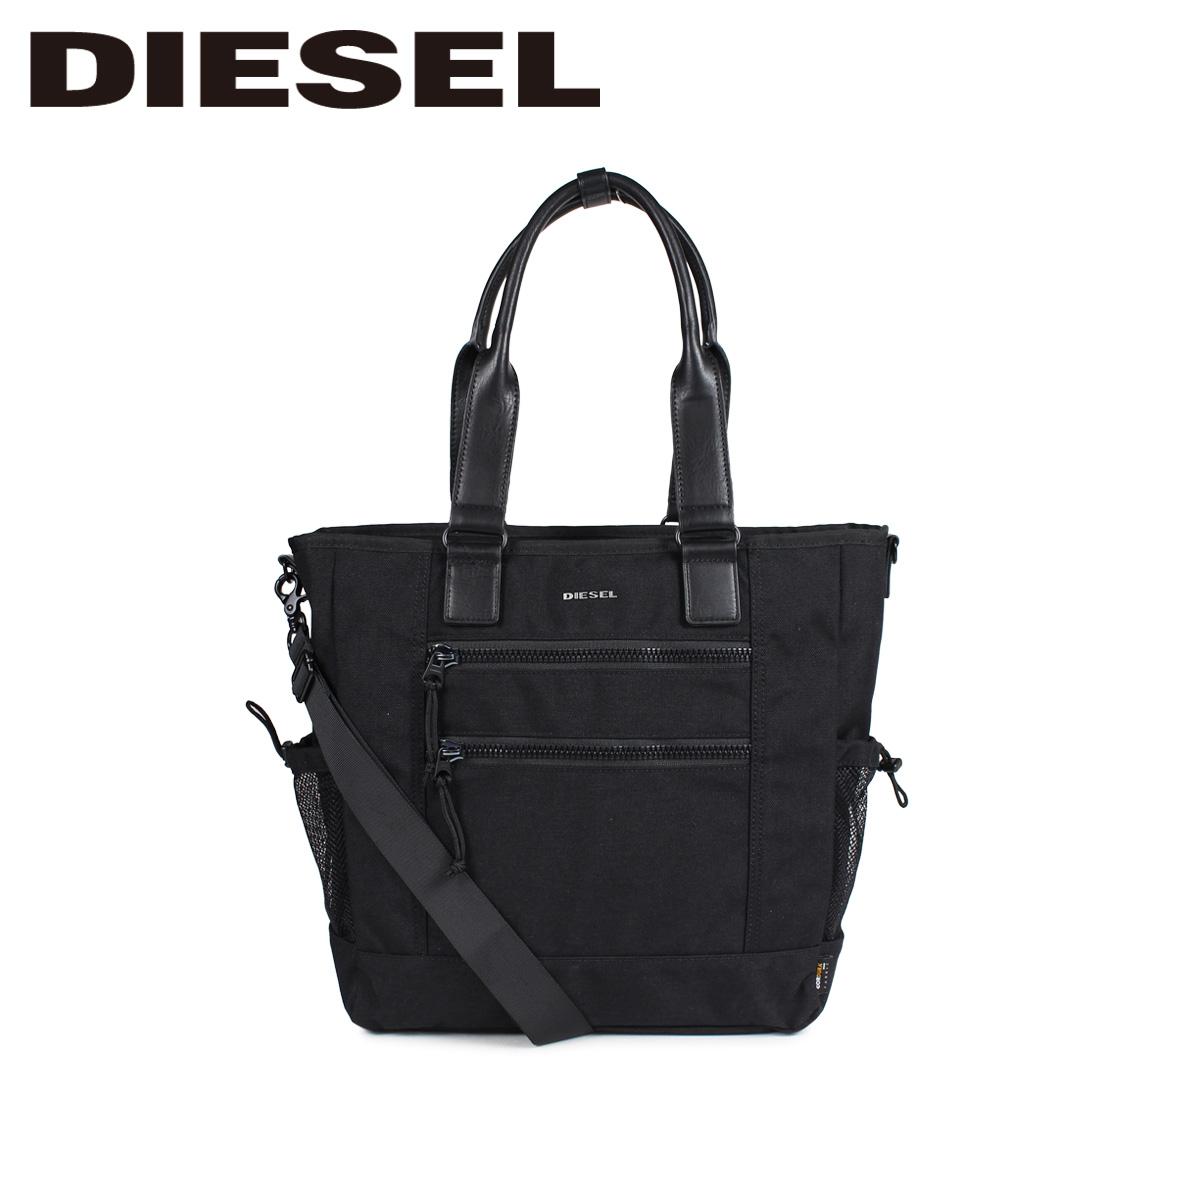 DIESEL F-URBHANITY TOTE ディーゼル バッグ トートバッグ メンズ 2WAY ブラック 黒 X05475 P1516 [3/12 新入荷]